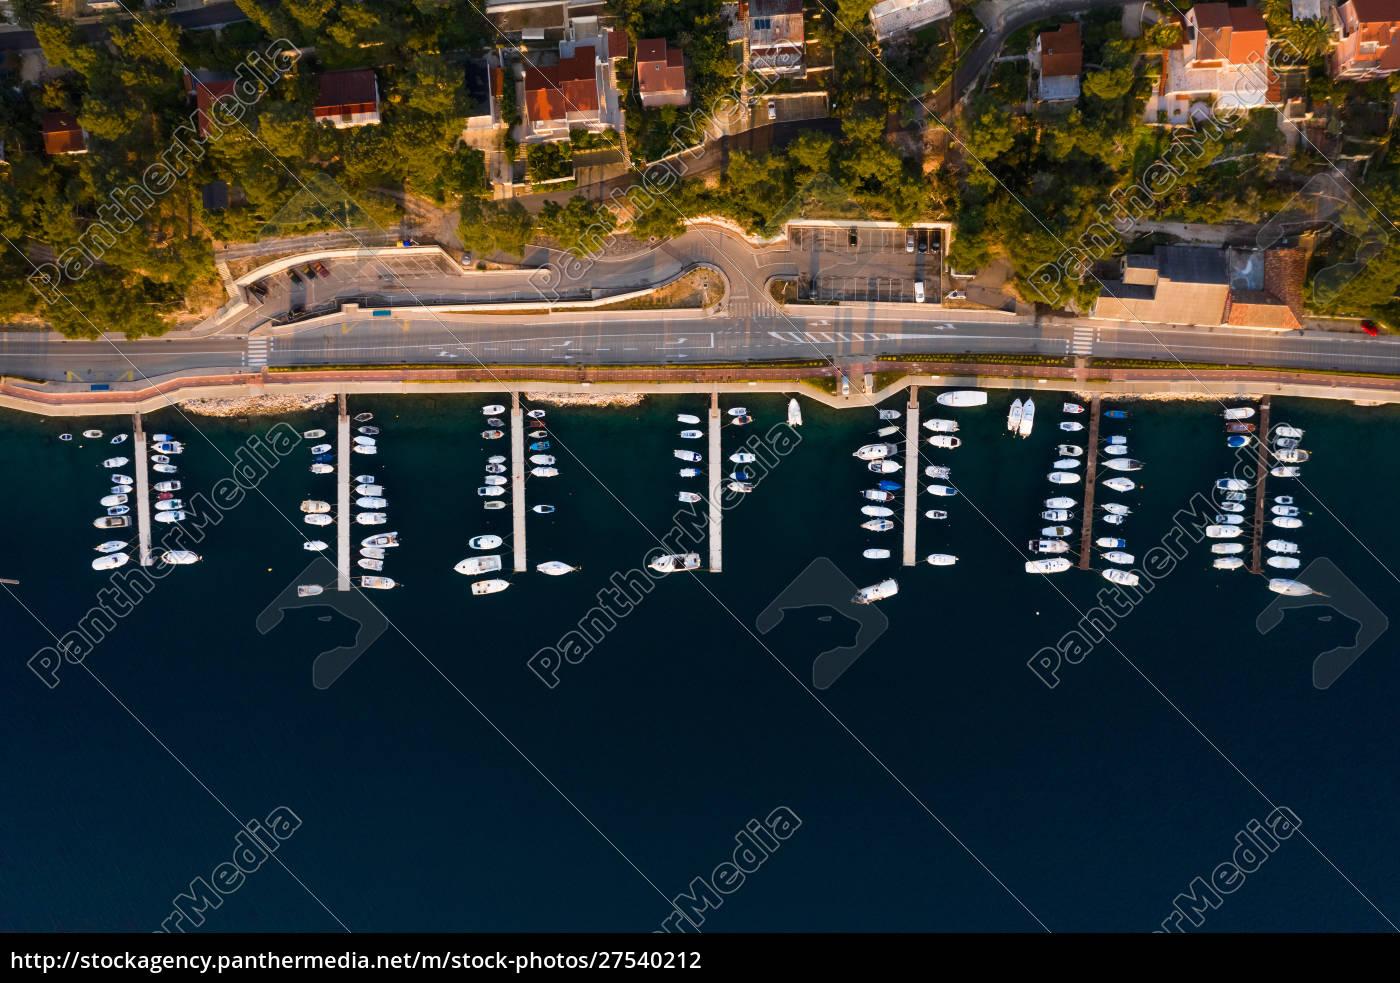 luftaufnahme, von, booten, die, am, yachthafen, in - 27540212